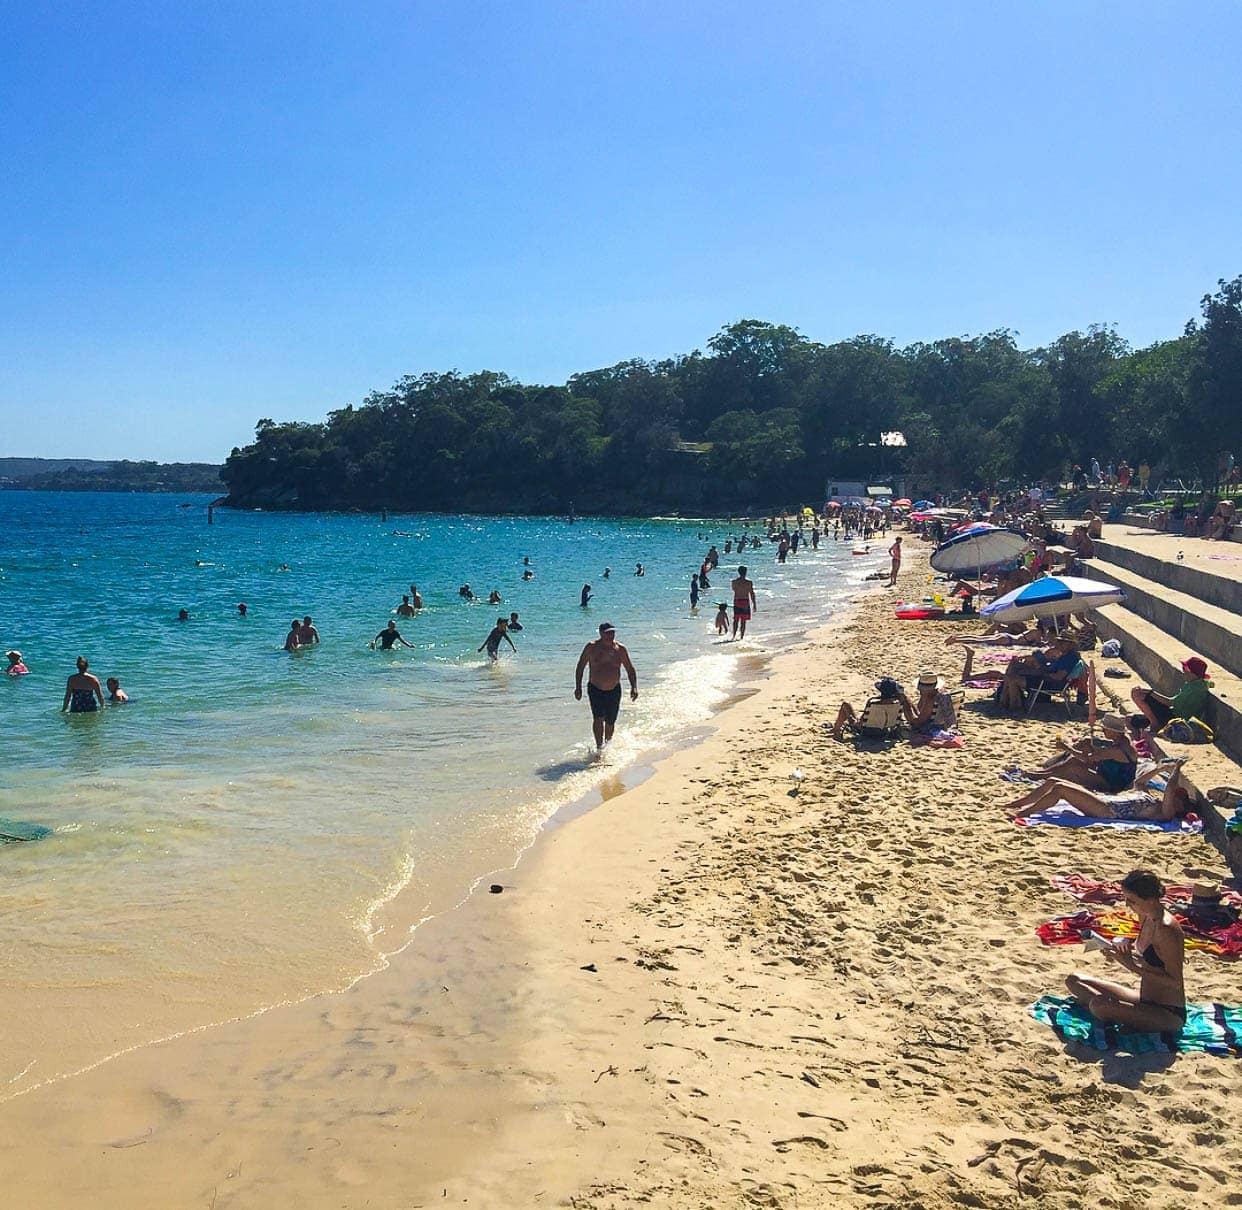 shark-beach-best-city-beach-in-sydney